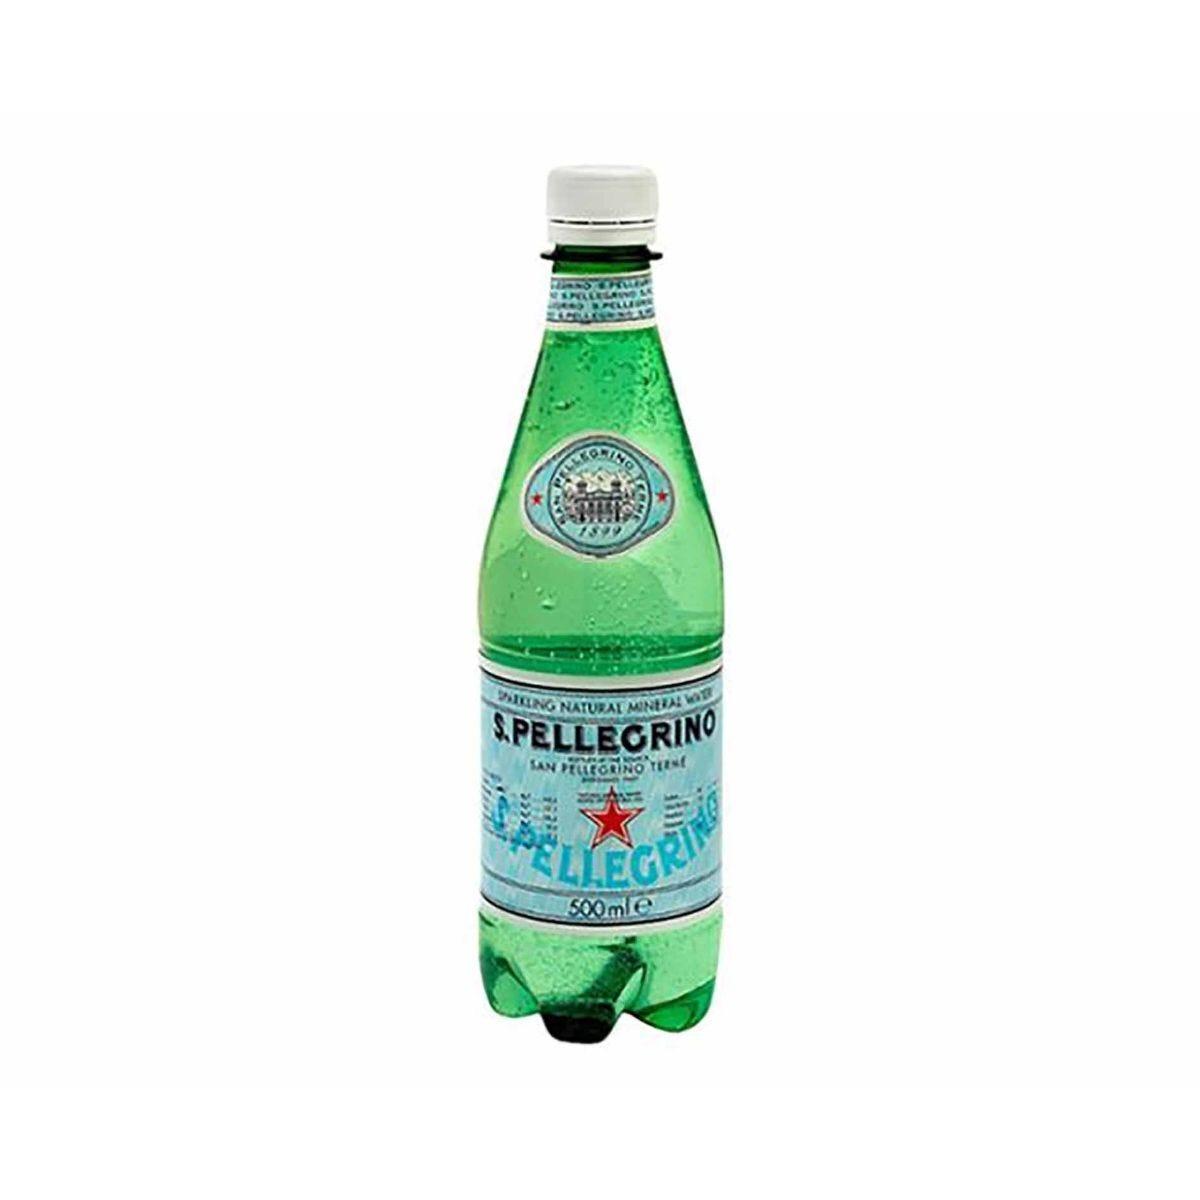 San Pellegrino Sparkling Water 500ml Bottles Pack of 24